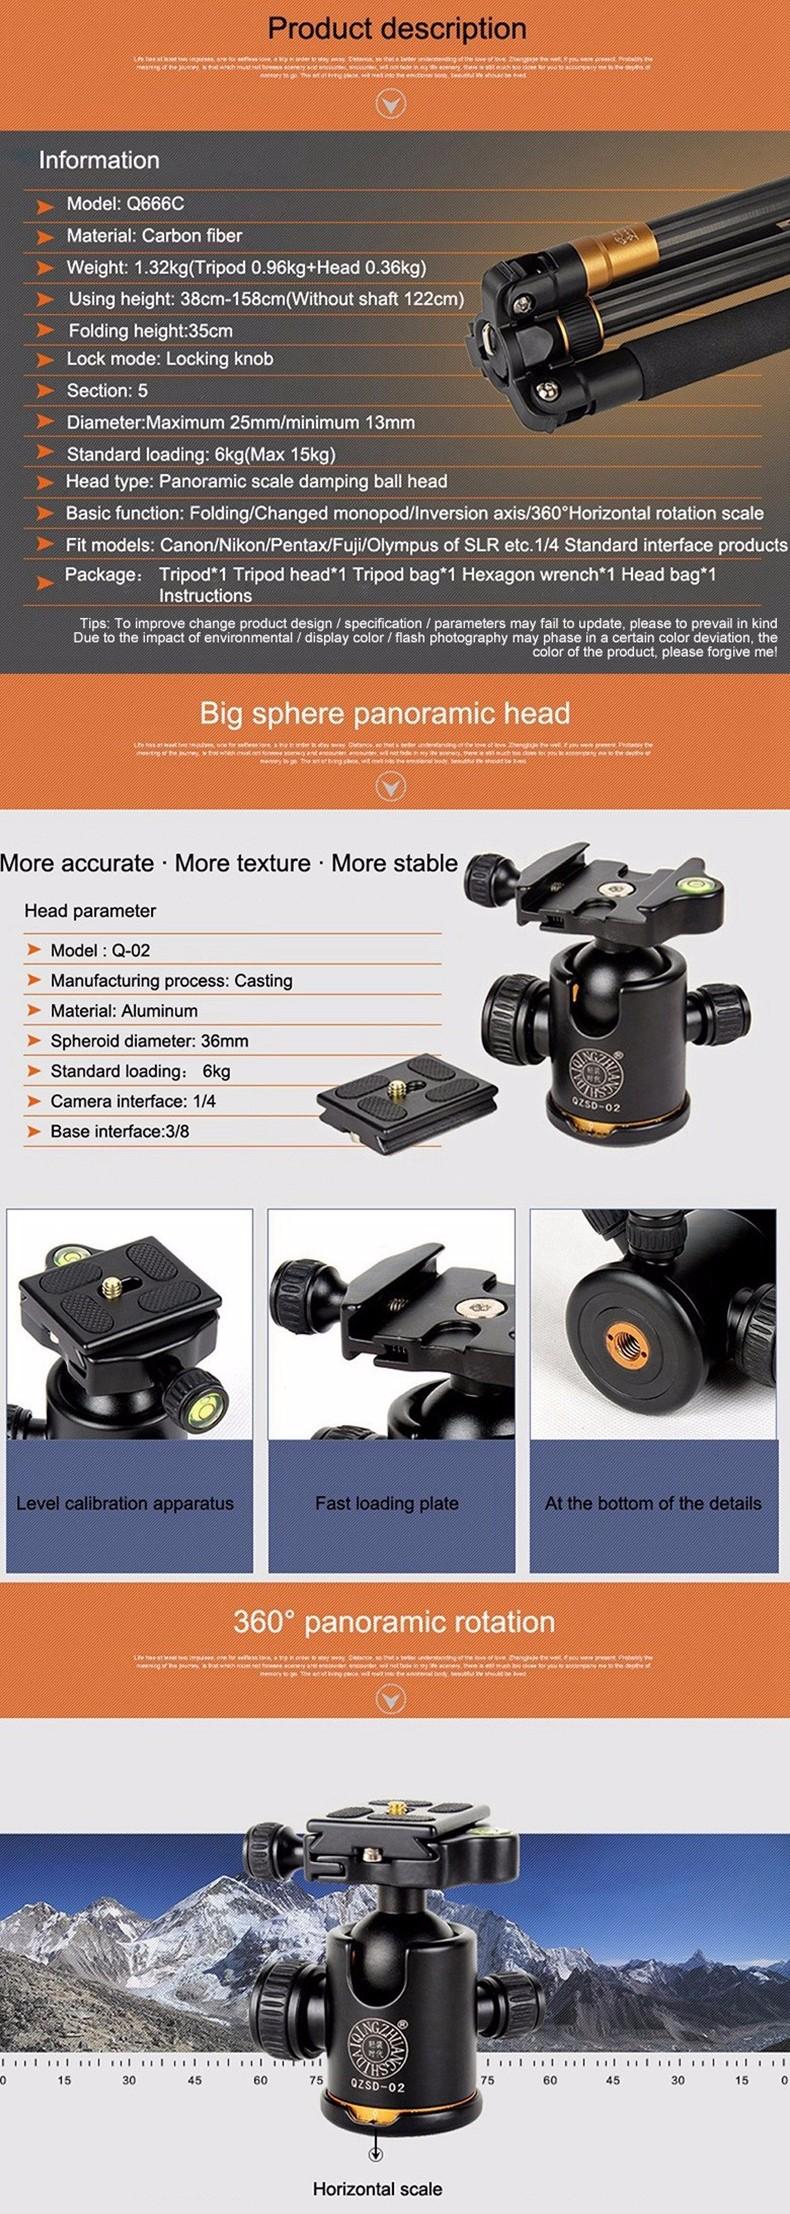 ถูก QZSD Q666Cมืออาชีพคาร์บอนไฟเบอร์ขาตั้งกล้องและMonopod Proสำหรับกล้องDSLR/พกพาเดินทางขาตั้งกล้องแม็กซ์โหลดไป15กิโลกรัม